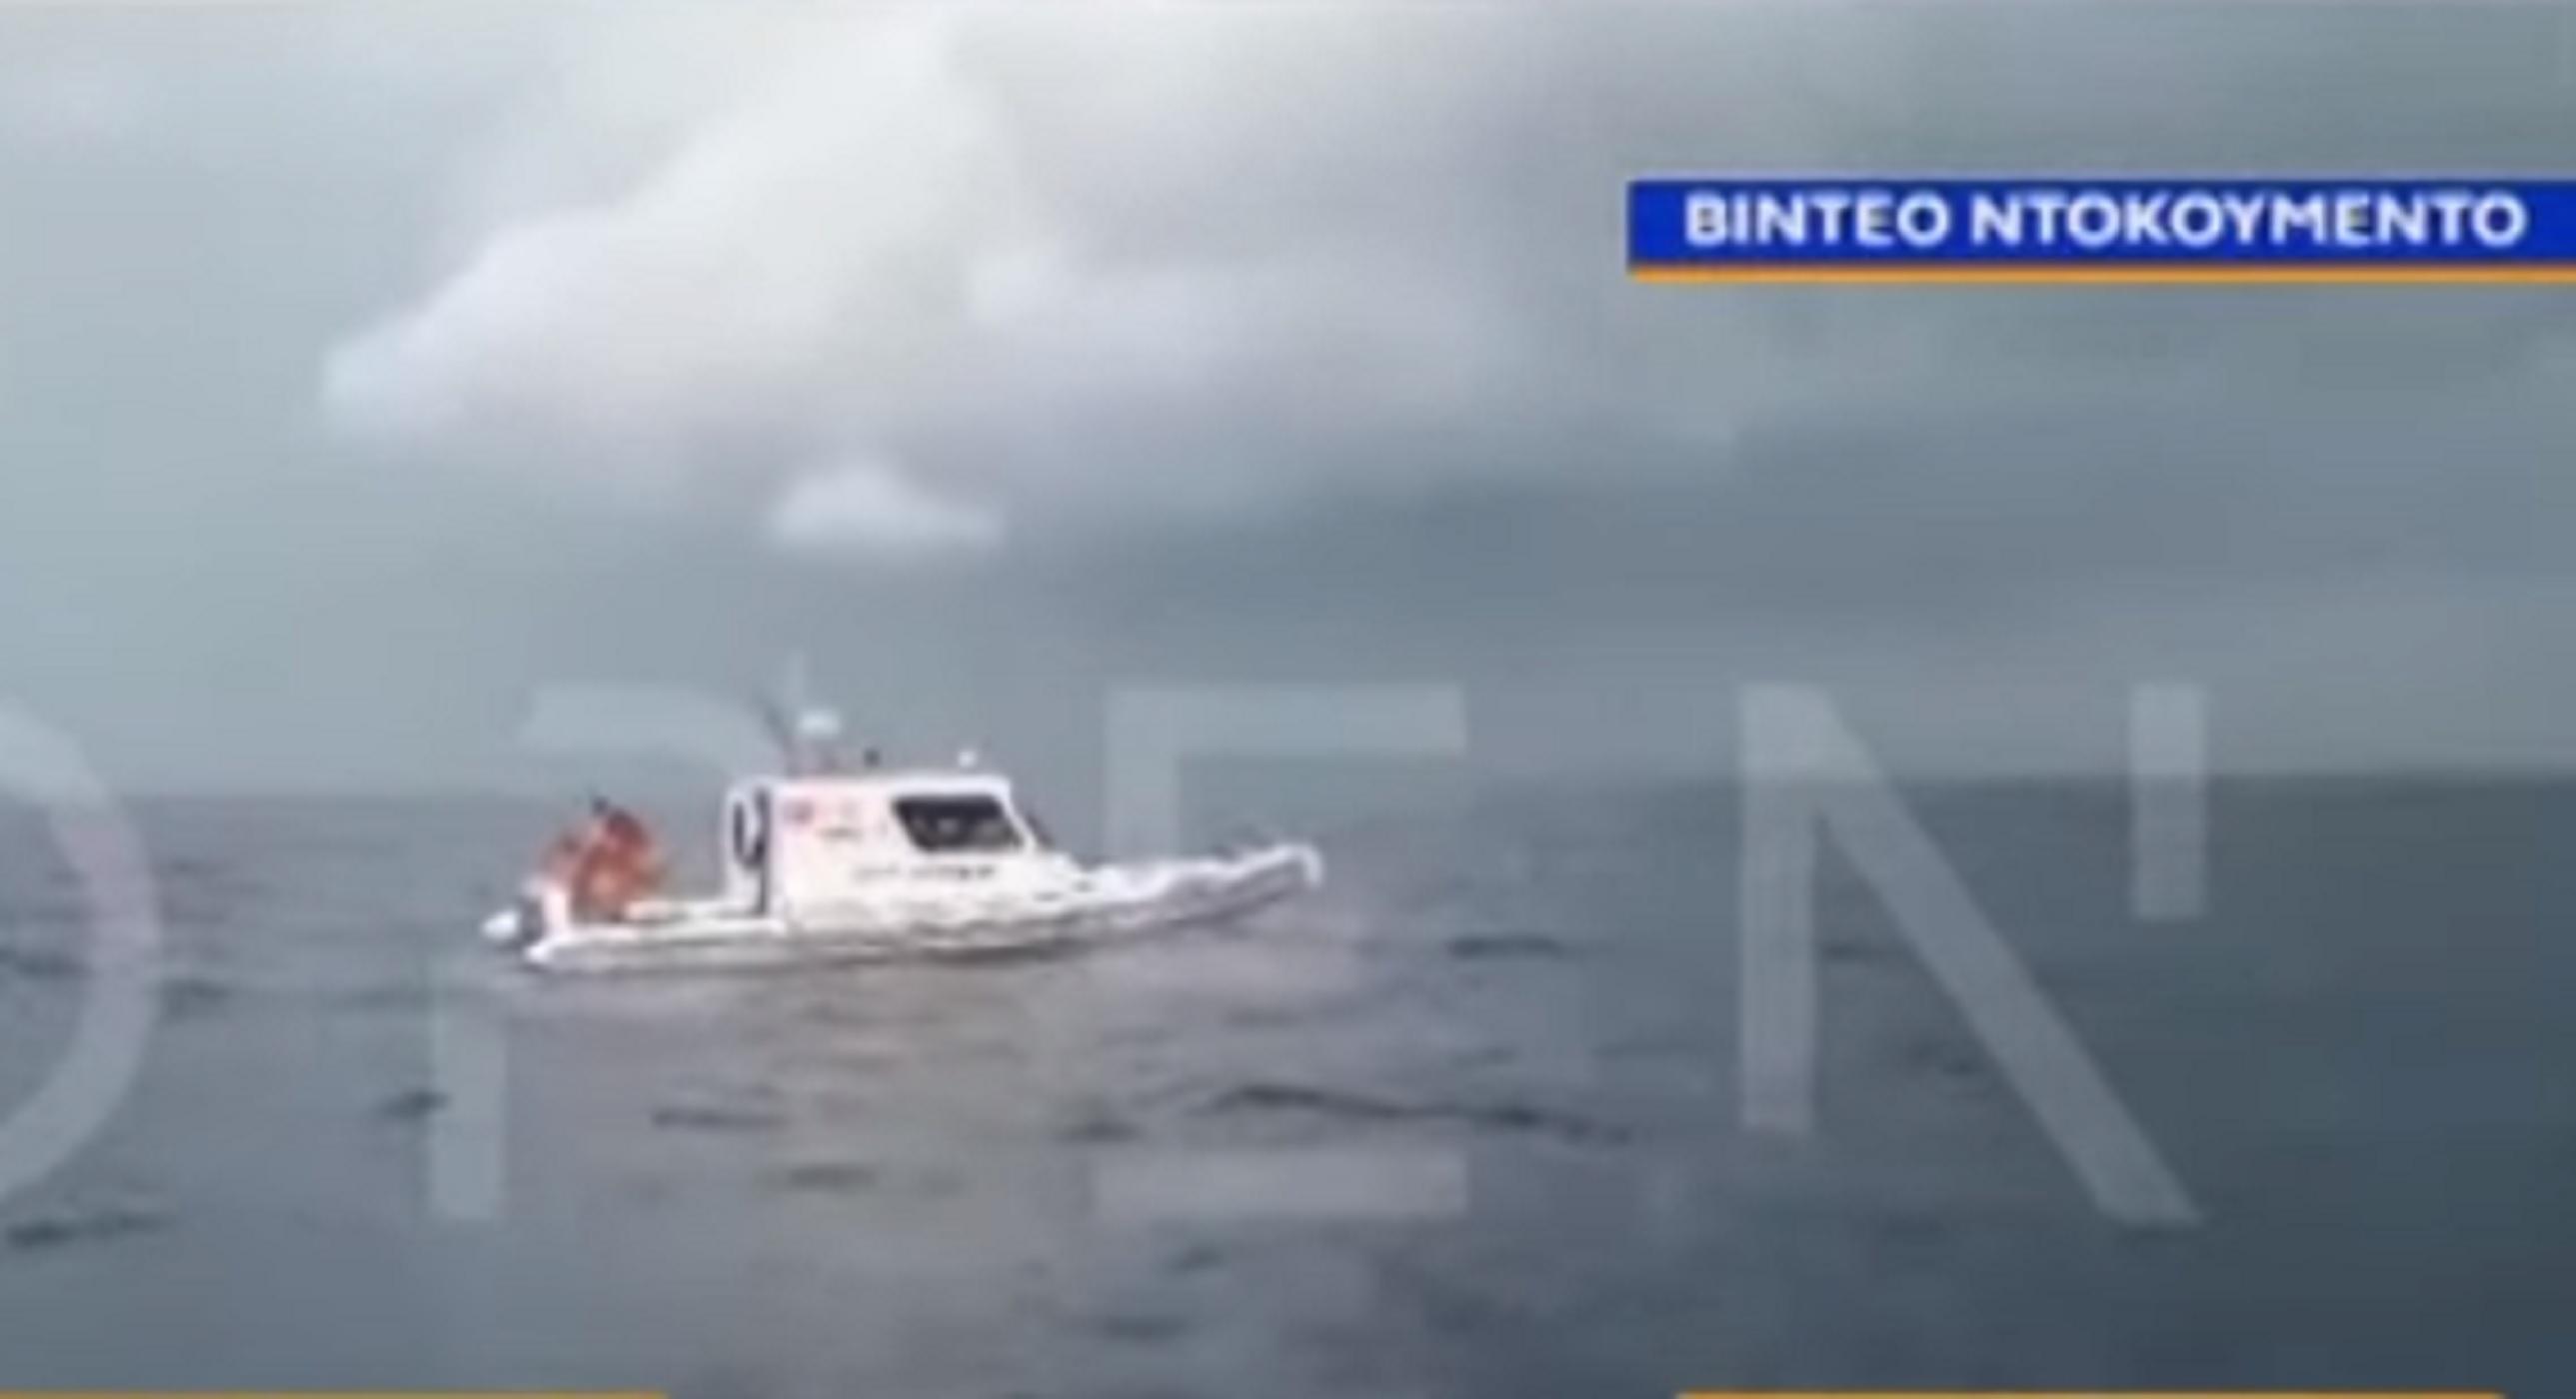 Βίντεο ντοκουμέντο! Τούρκοι παρενοχλούν ελληνικό αλιευτικό κοντά στην Καλόλιμνο